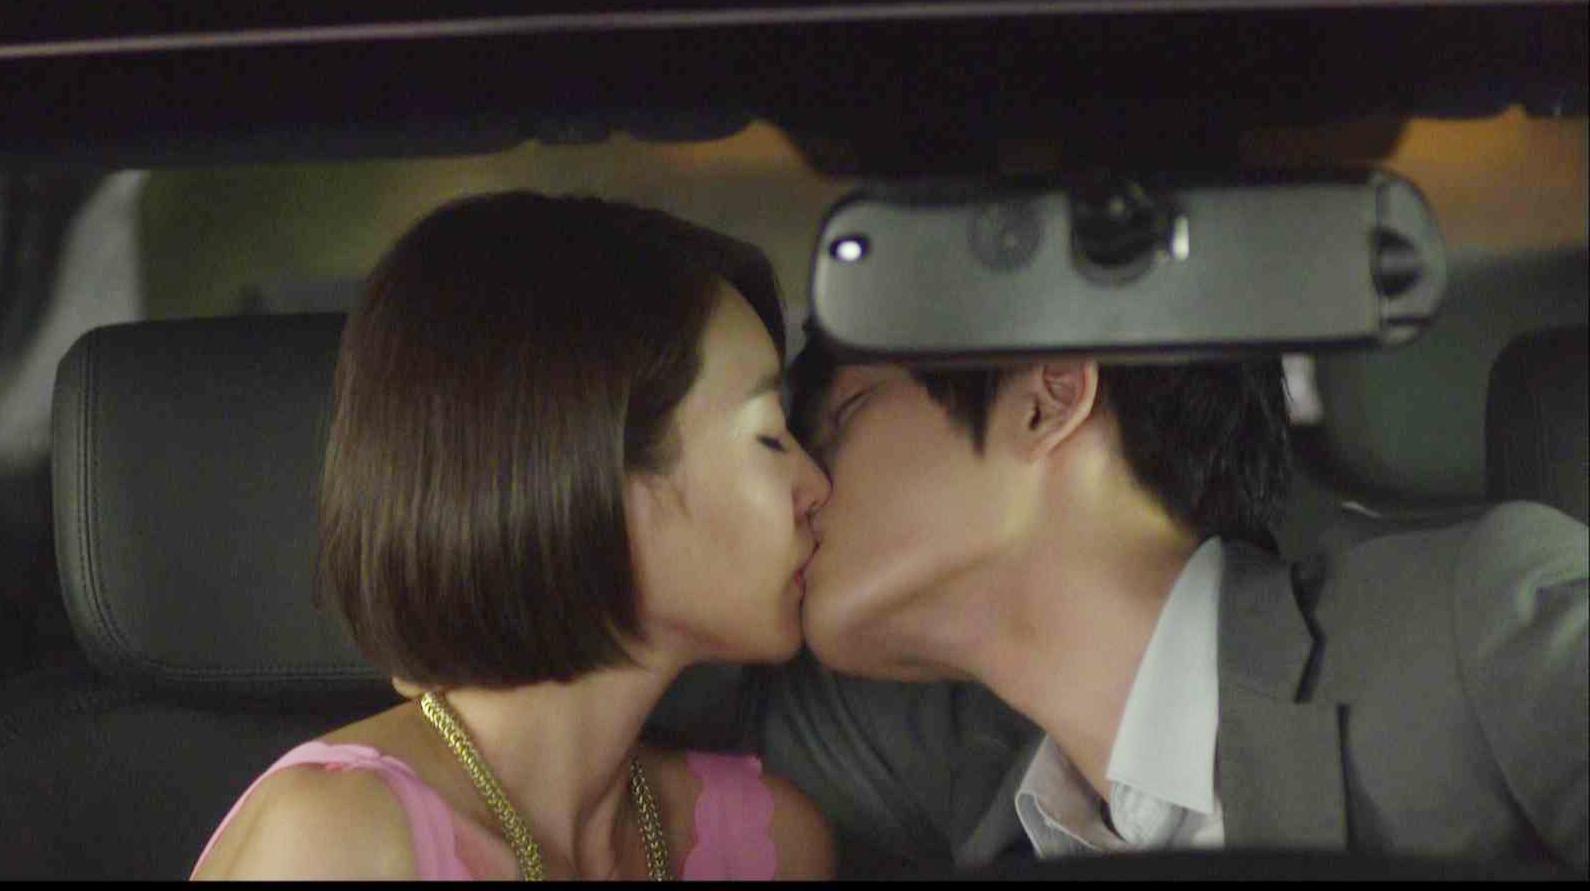 SBS 수목드라마 [보스를 지켜라] 왕지혜, 나윤이 무원과 잘 되었으면 좋겠다 썸네일 이미지